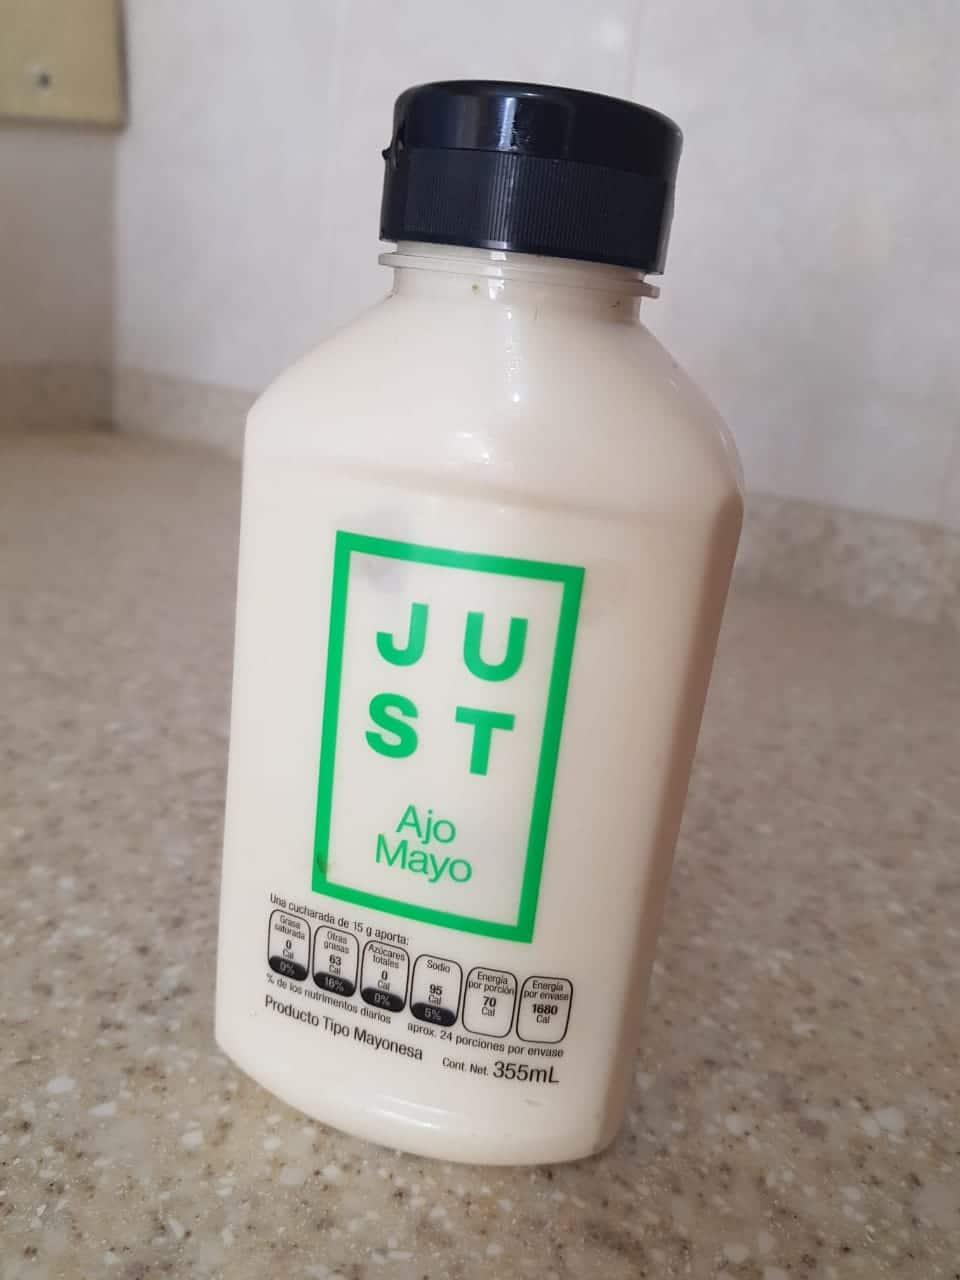 mayonesa just mayo